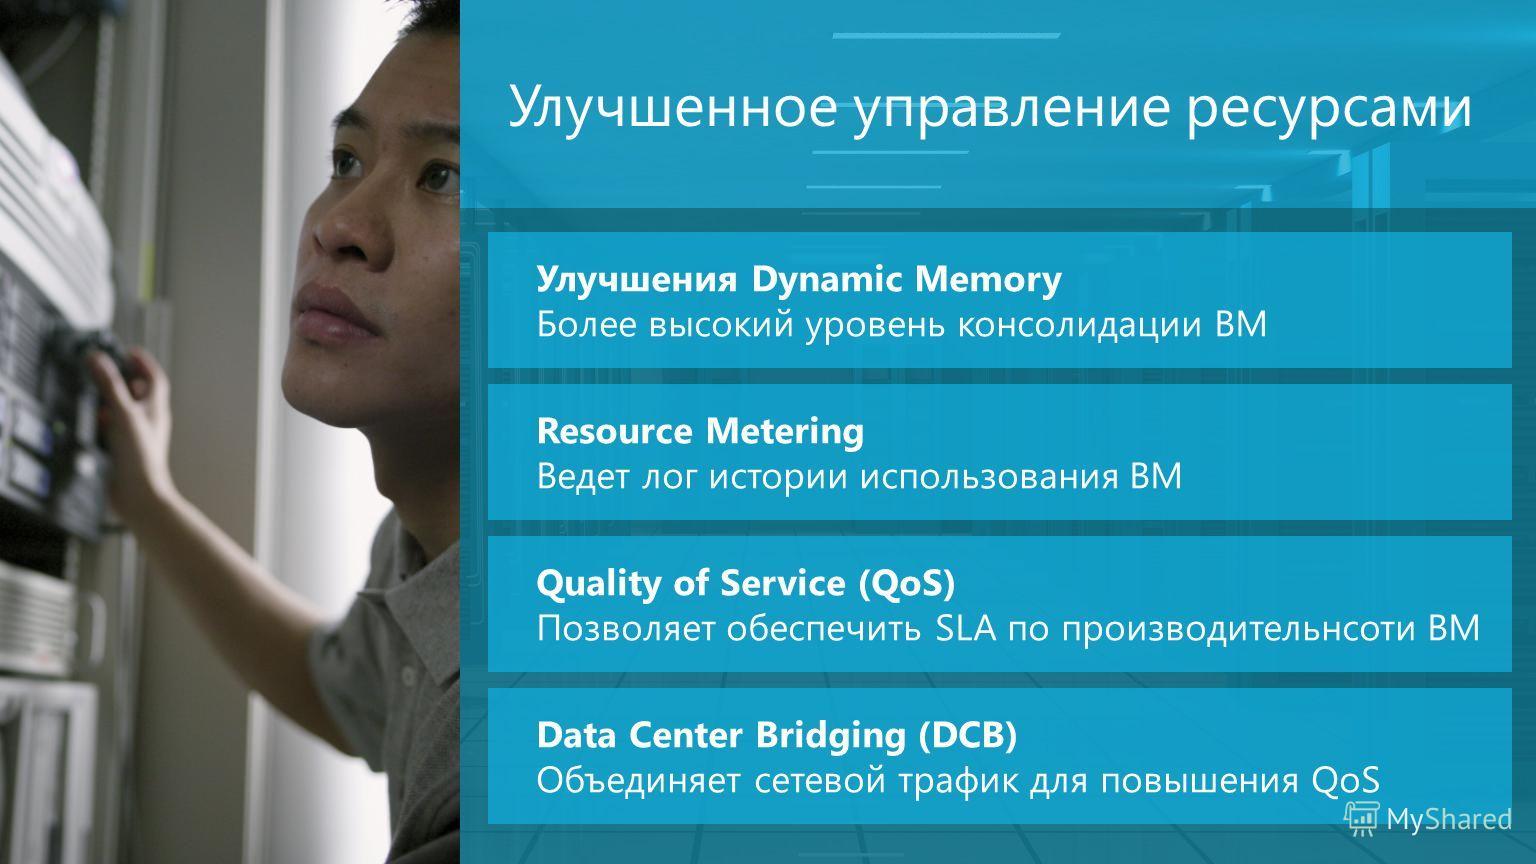 9 Улучшенное управление ресурсами Улучшения Dynamic Memory Более высокий уровень консолидации ВМ Resource Metering Ведет лог истории использования ВМ Quality of Service (QoS) Позволяет обеспечить SLA по производительнсоти ВМ Data Center Bridging (DCB